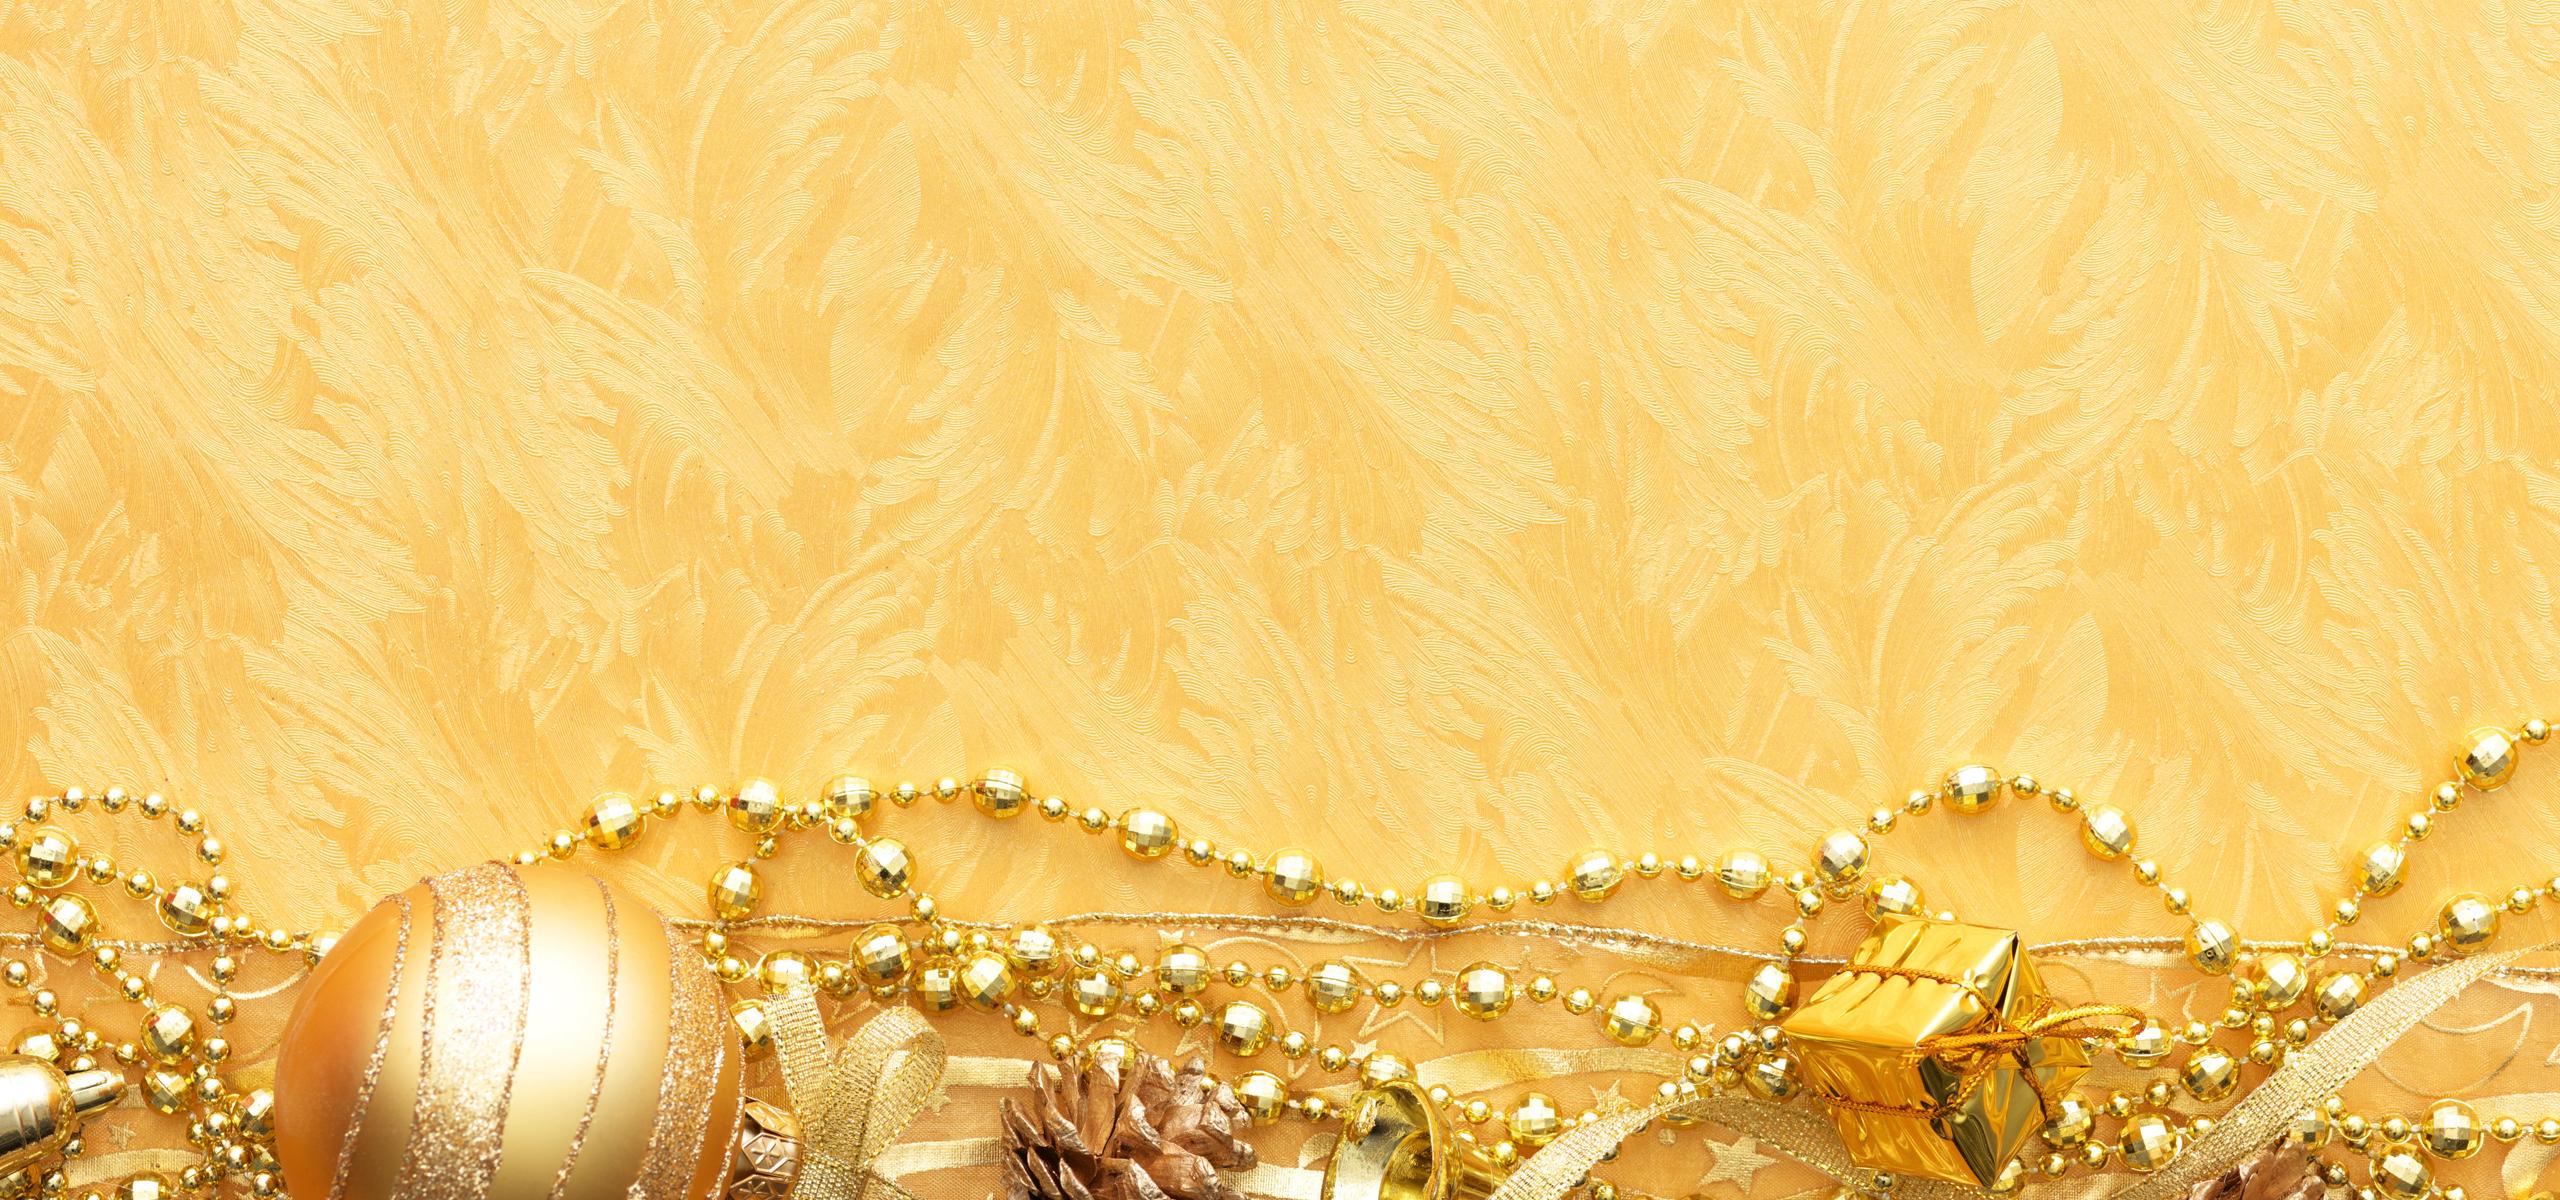 Открытка с золотым фоном 120